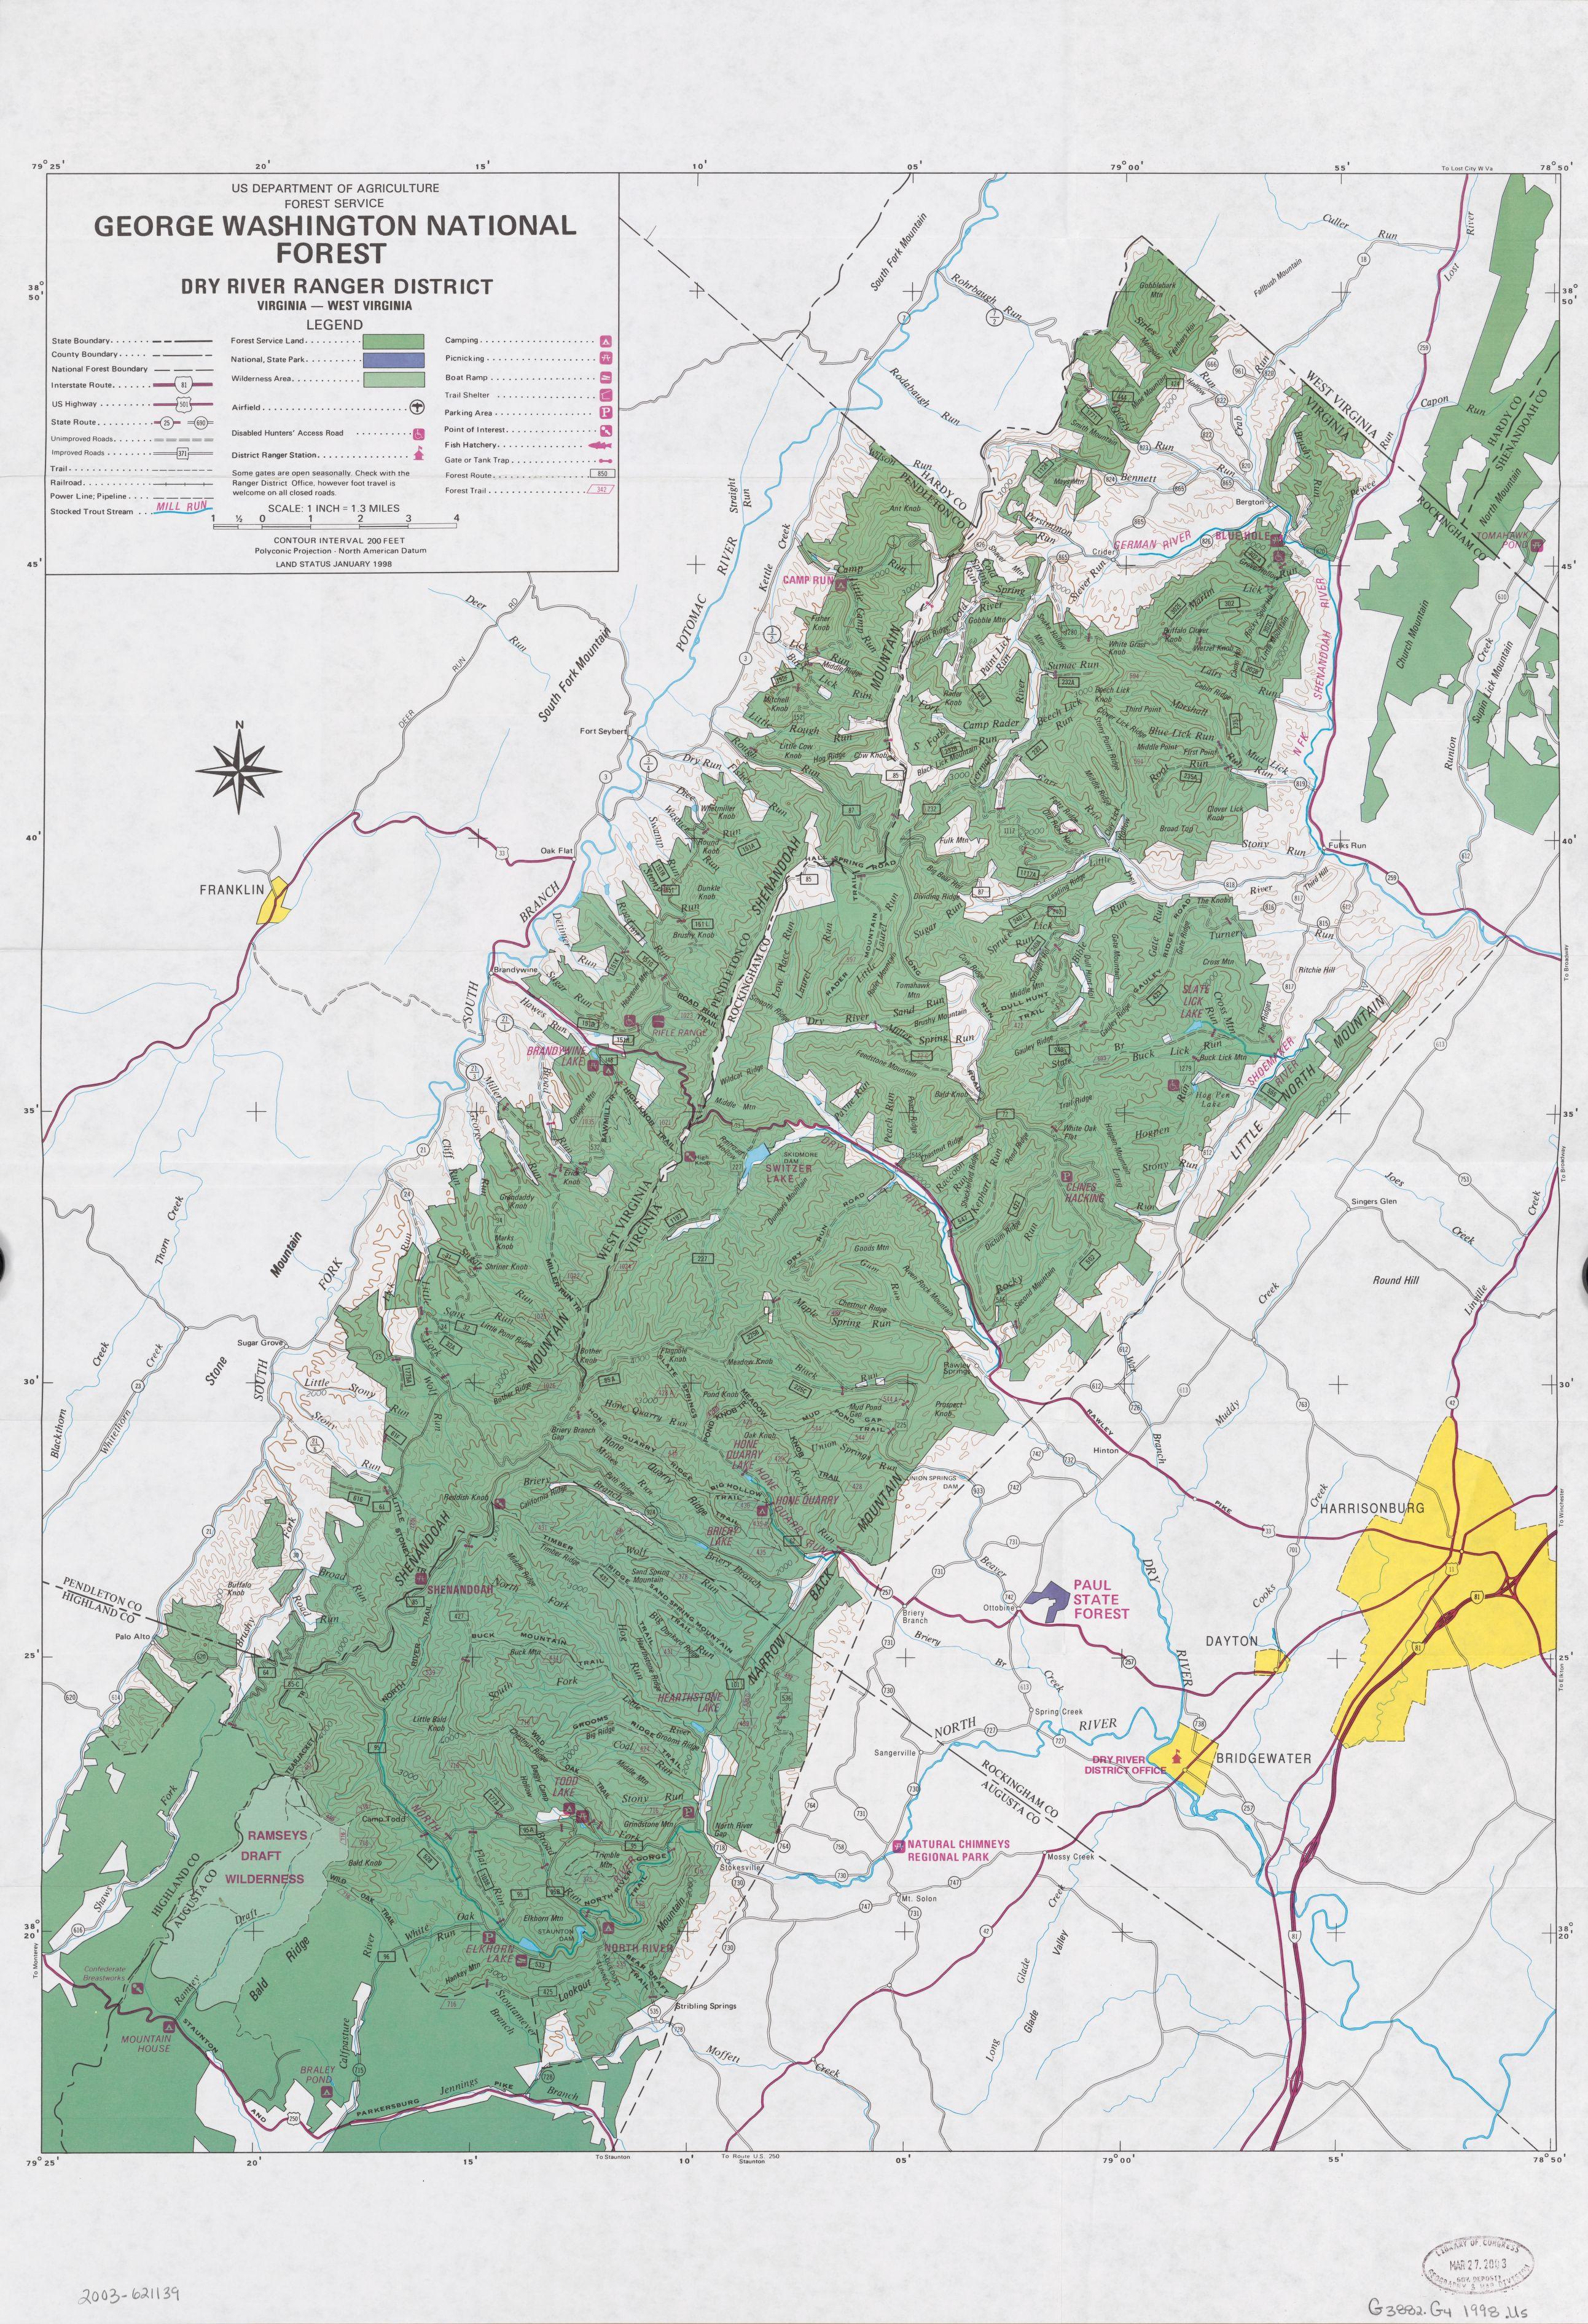 California Nevada Earthquake Index Map Detailed Map Outdoor - Earthquake California Index Map